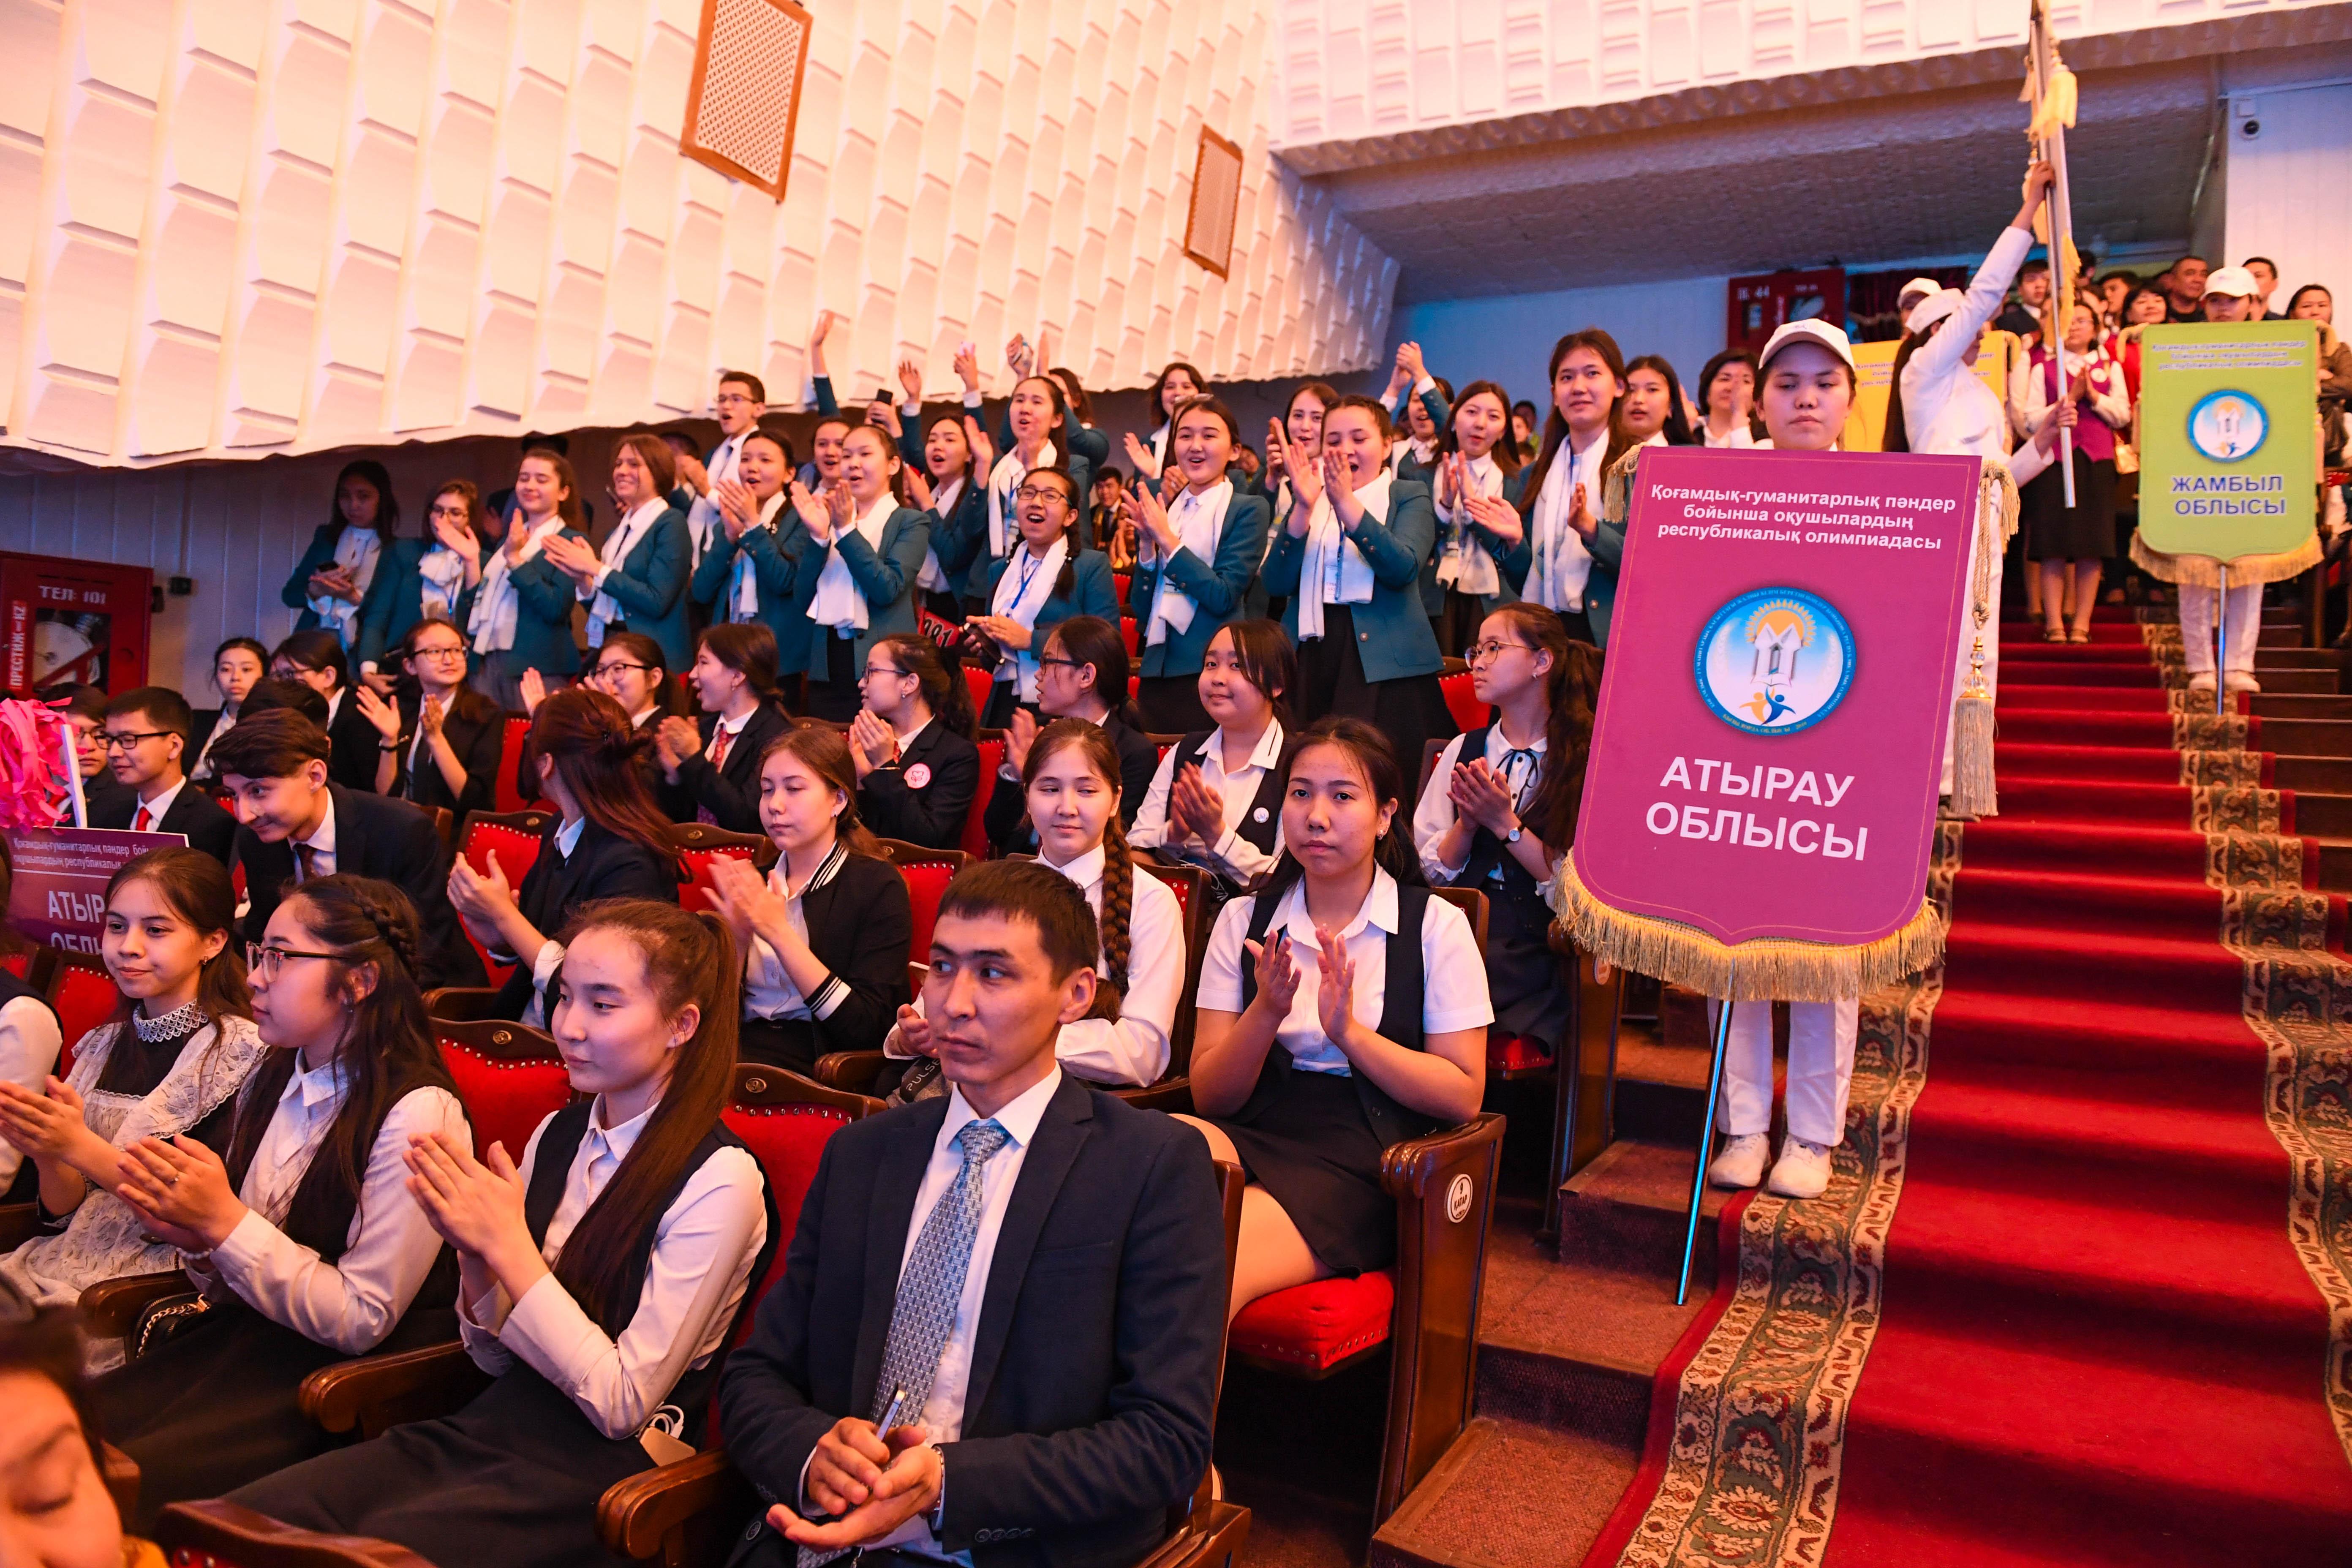 Қызылордада оқушылар арасындағы республикалық олимпиада өтіп жатыр